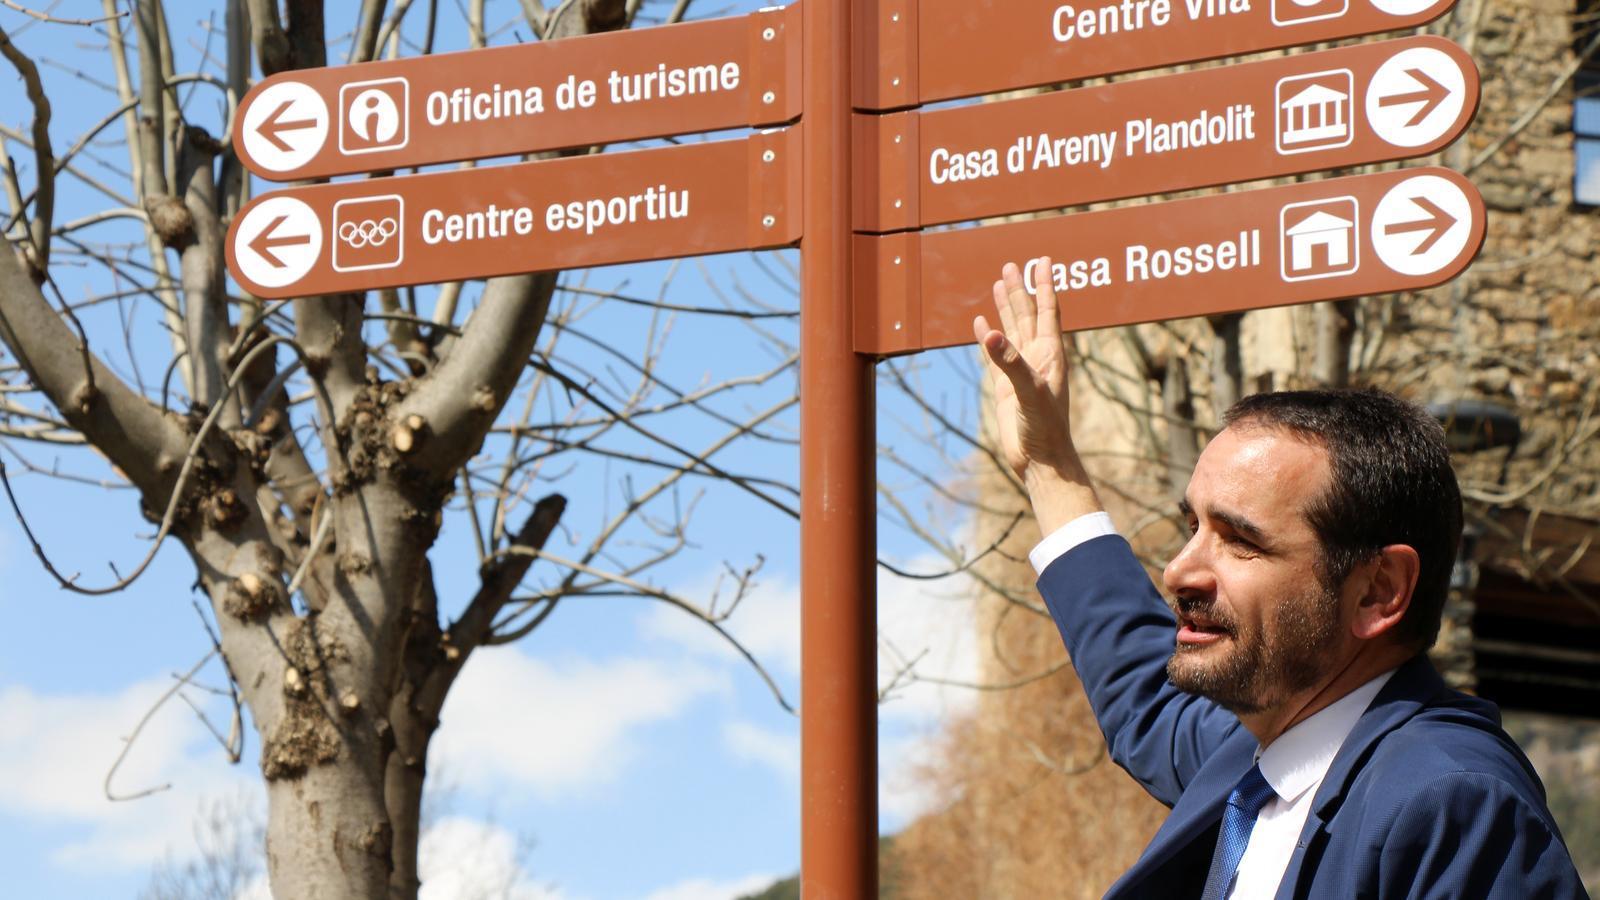 El conseller de Turisme i Esports, Jordi Serracanta, mostra la nova senyalització. / C.G. (ANA)